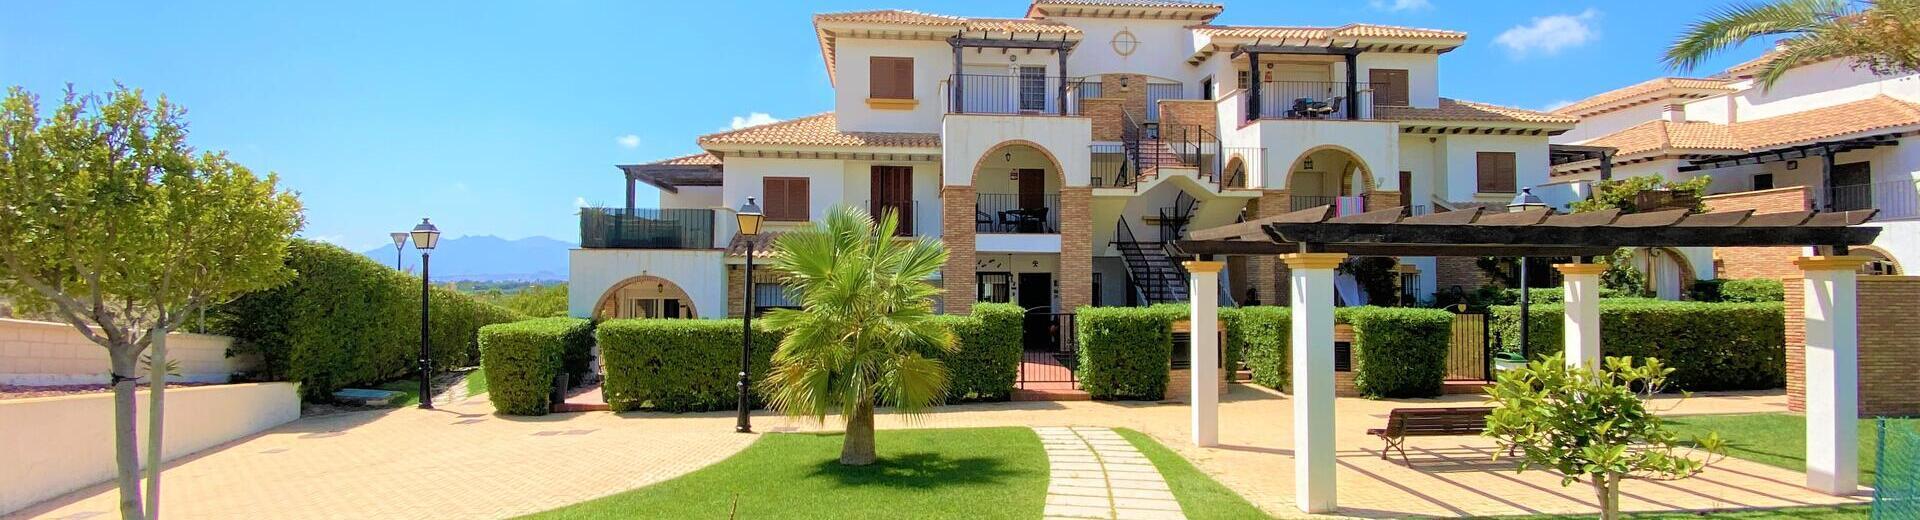 VIP7924: Stadthaus zu Verkaufen